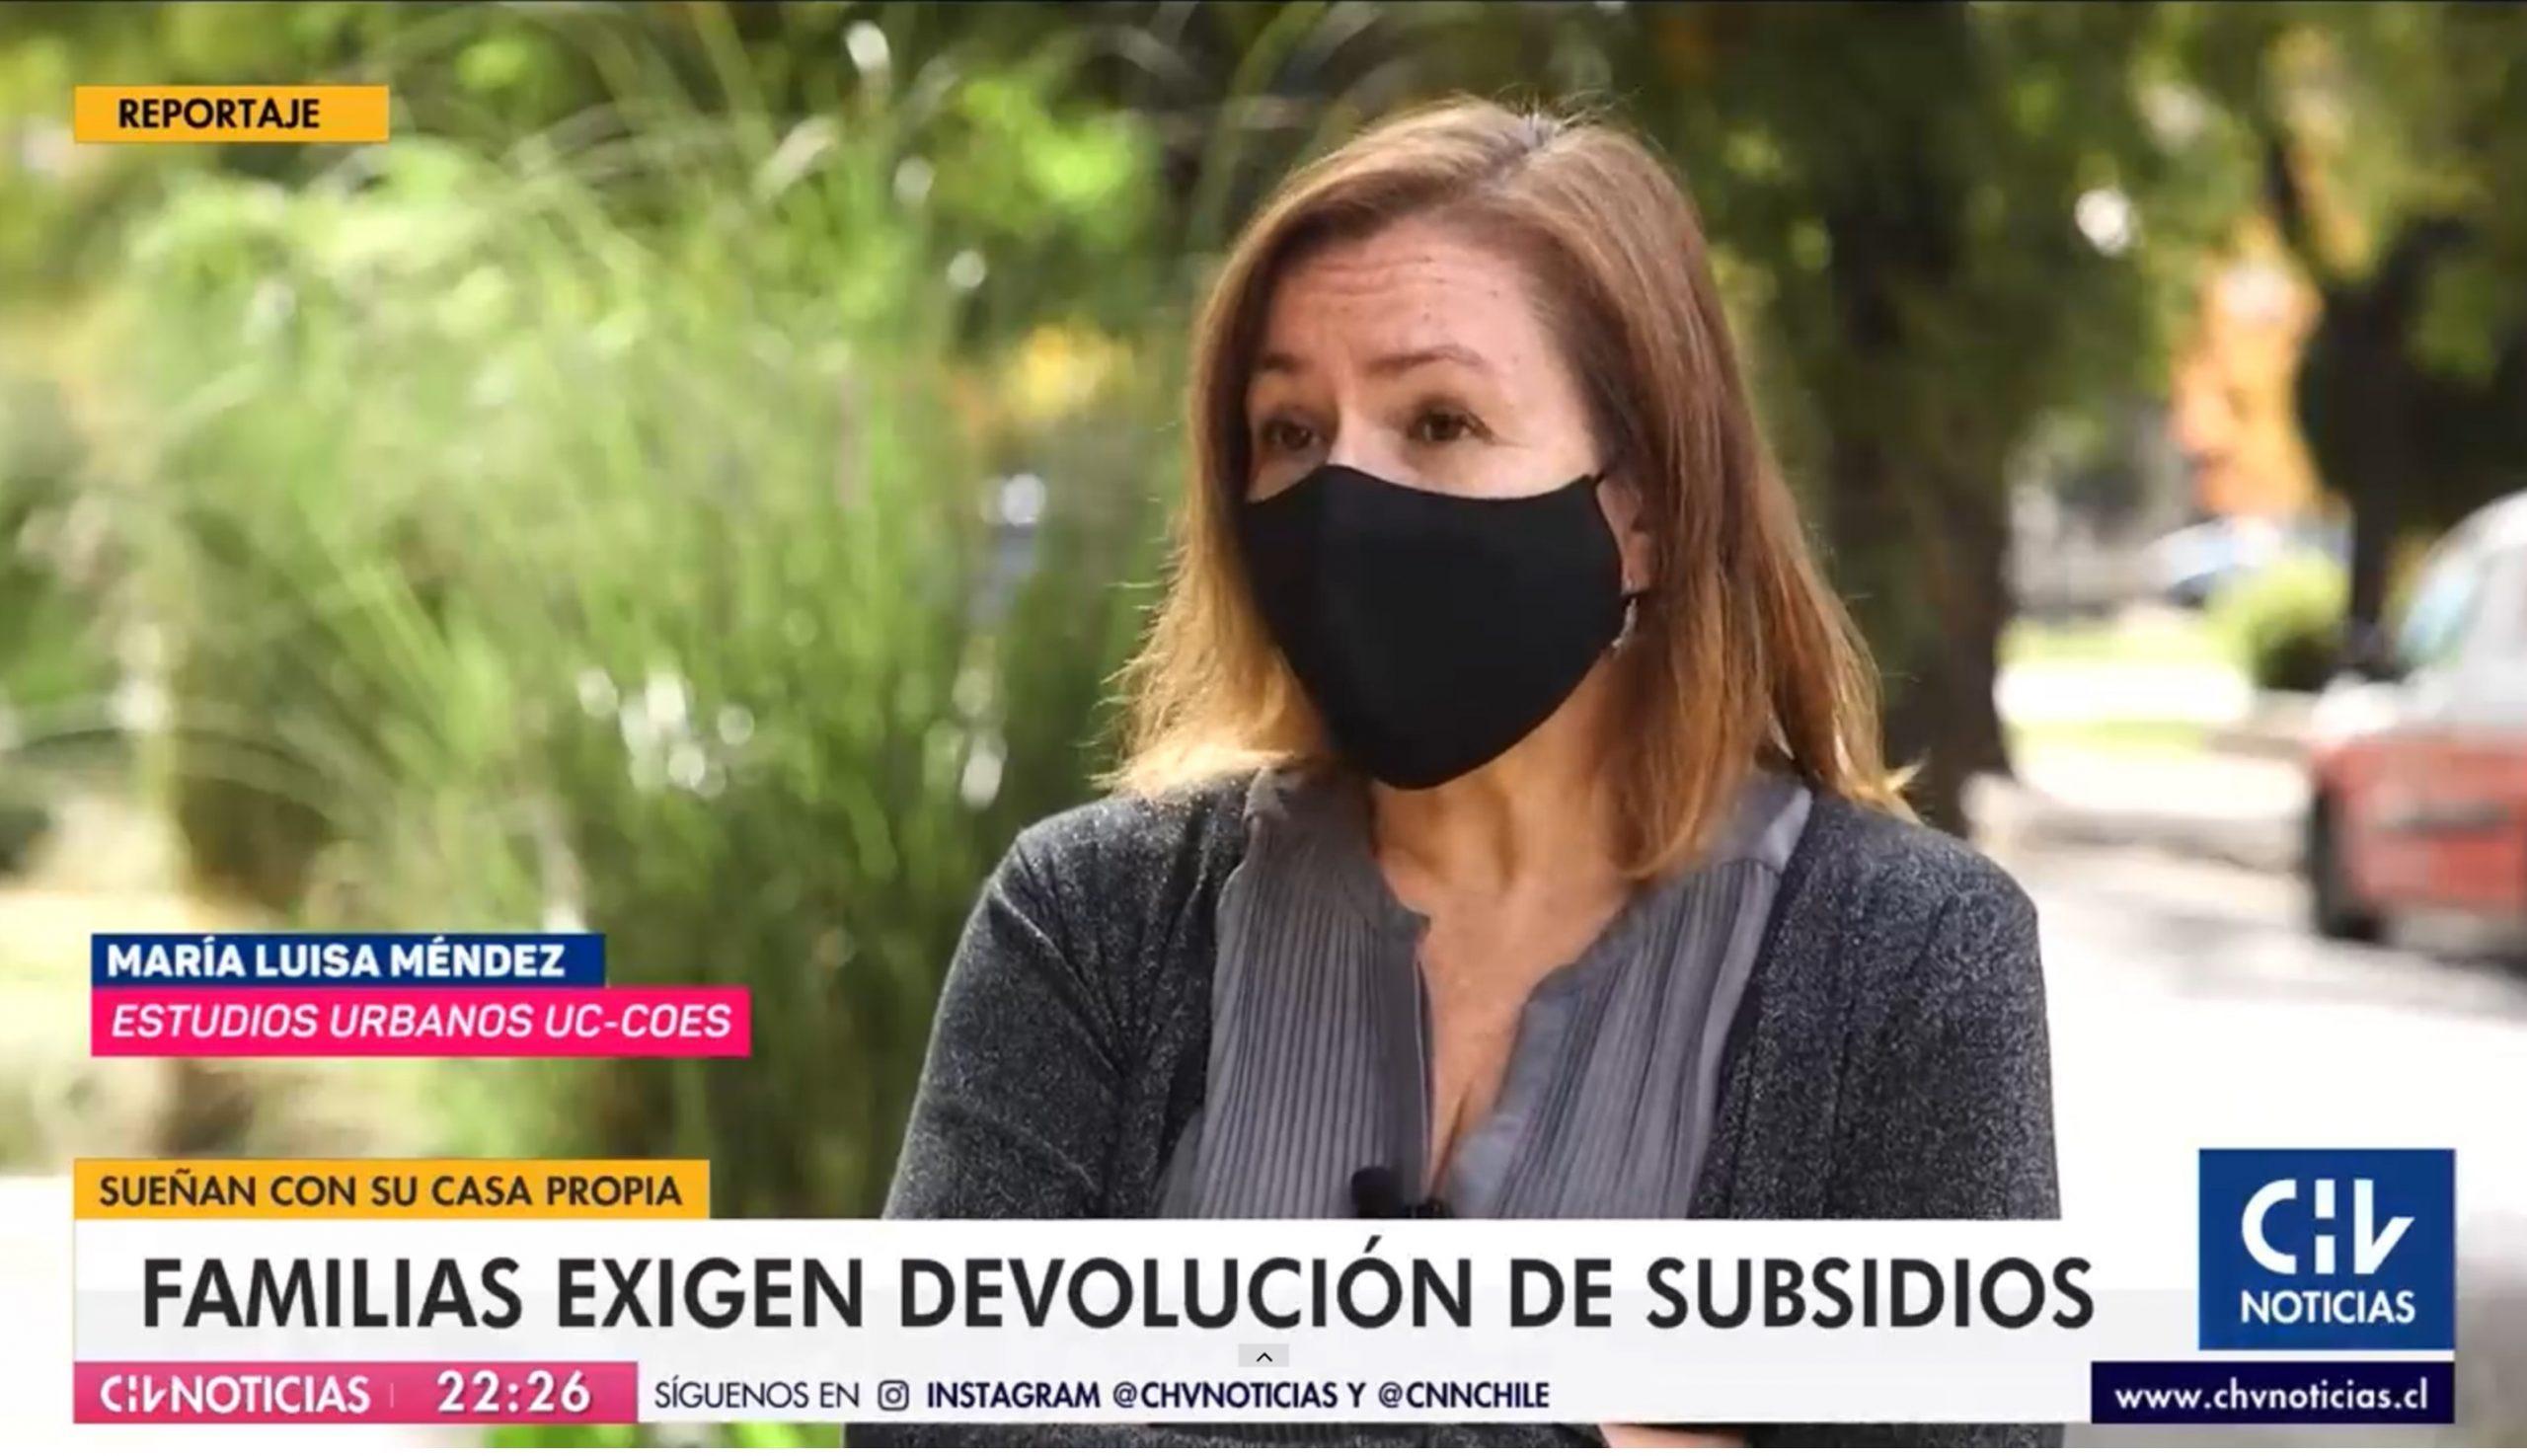 (CNN/Chilevisión) Familias exigen devolución de subsidios: Minvu asegura que ocurrió tras detección de inconsistencias